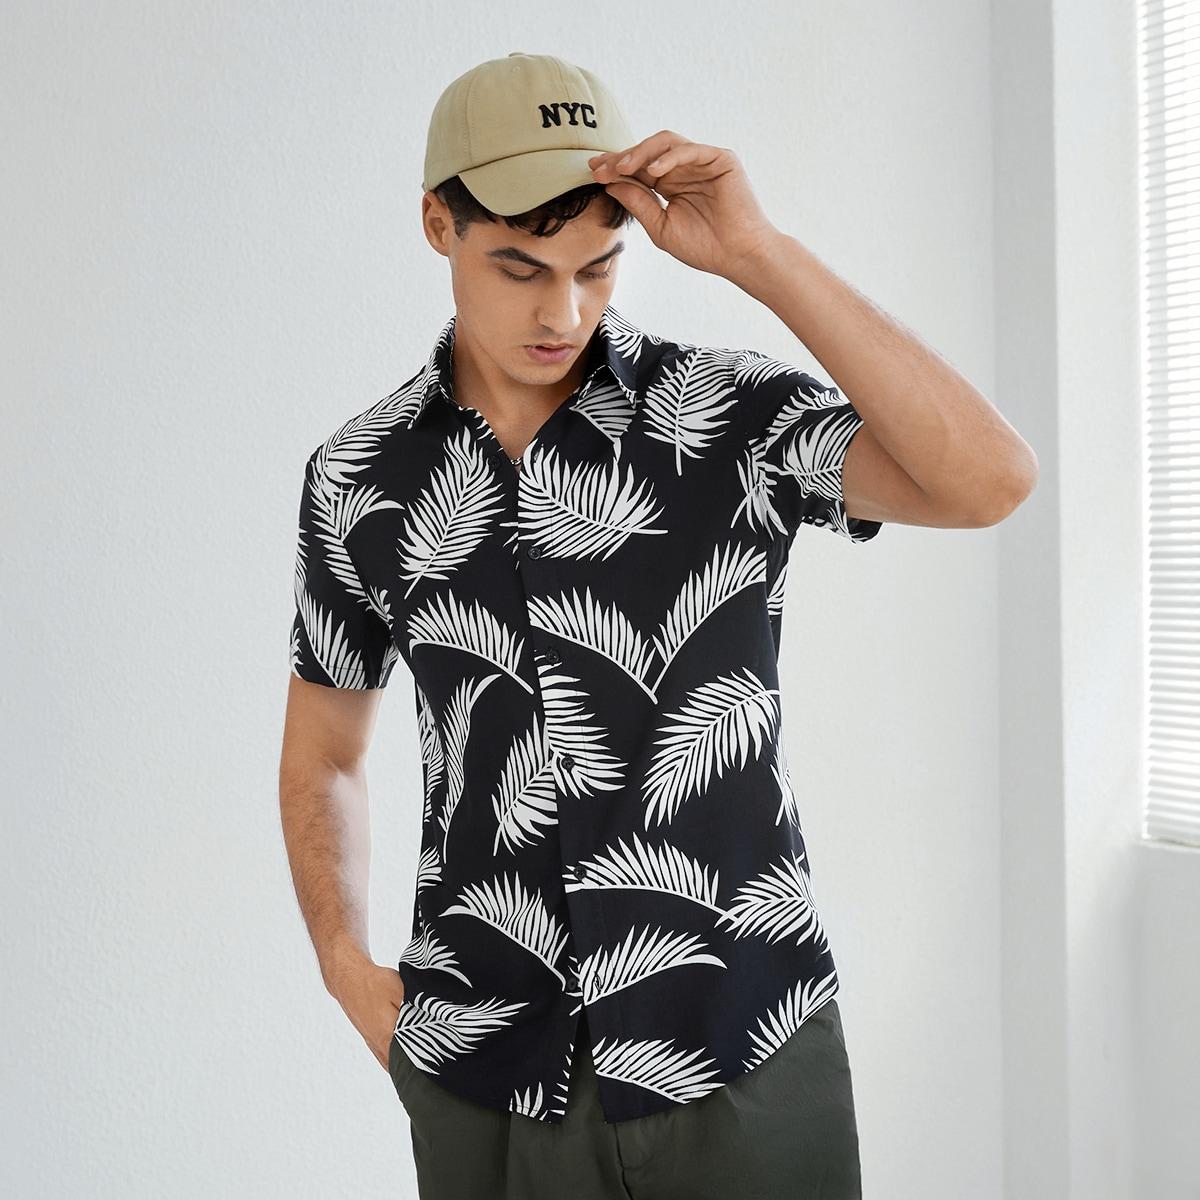 Мужская рубашка с тропическим принтом SheIn smshirt07210508646